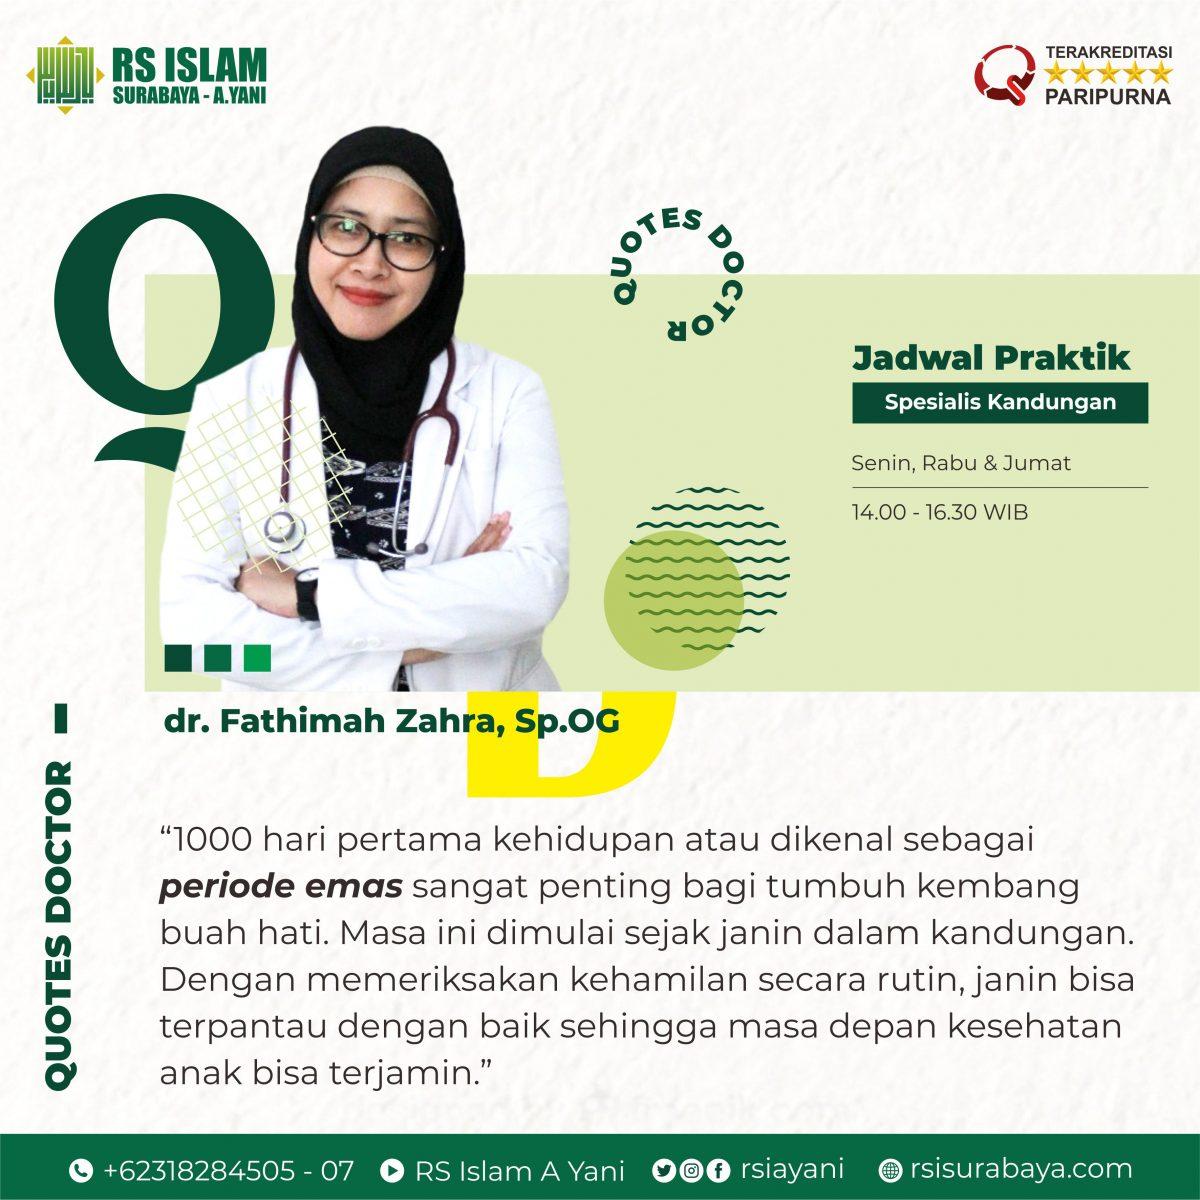 dr.-Fathimah-Zahra-Sp.OG_-1200x1200.jpg